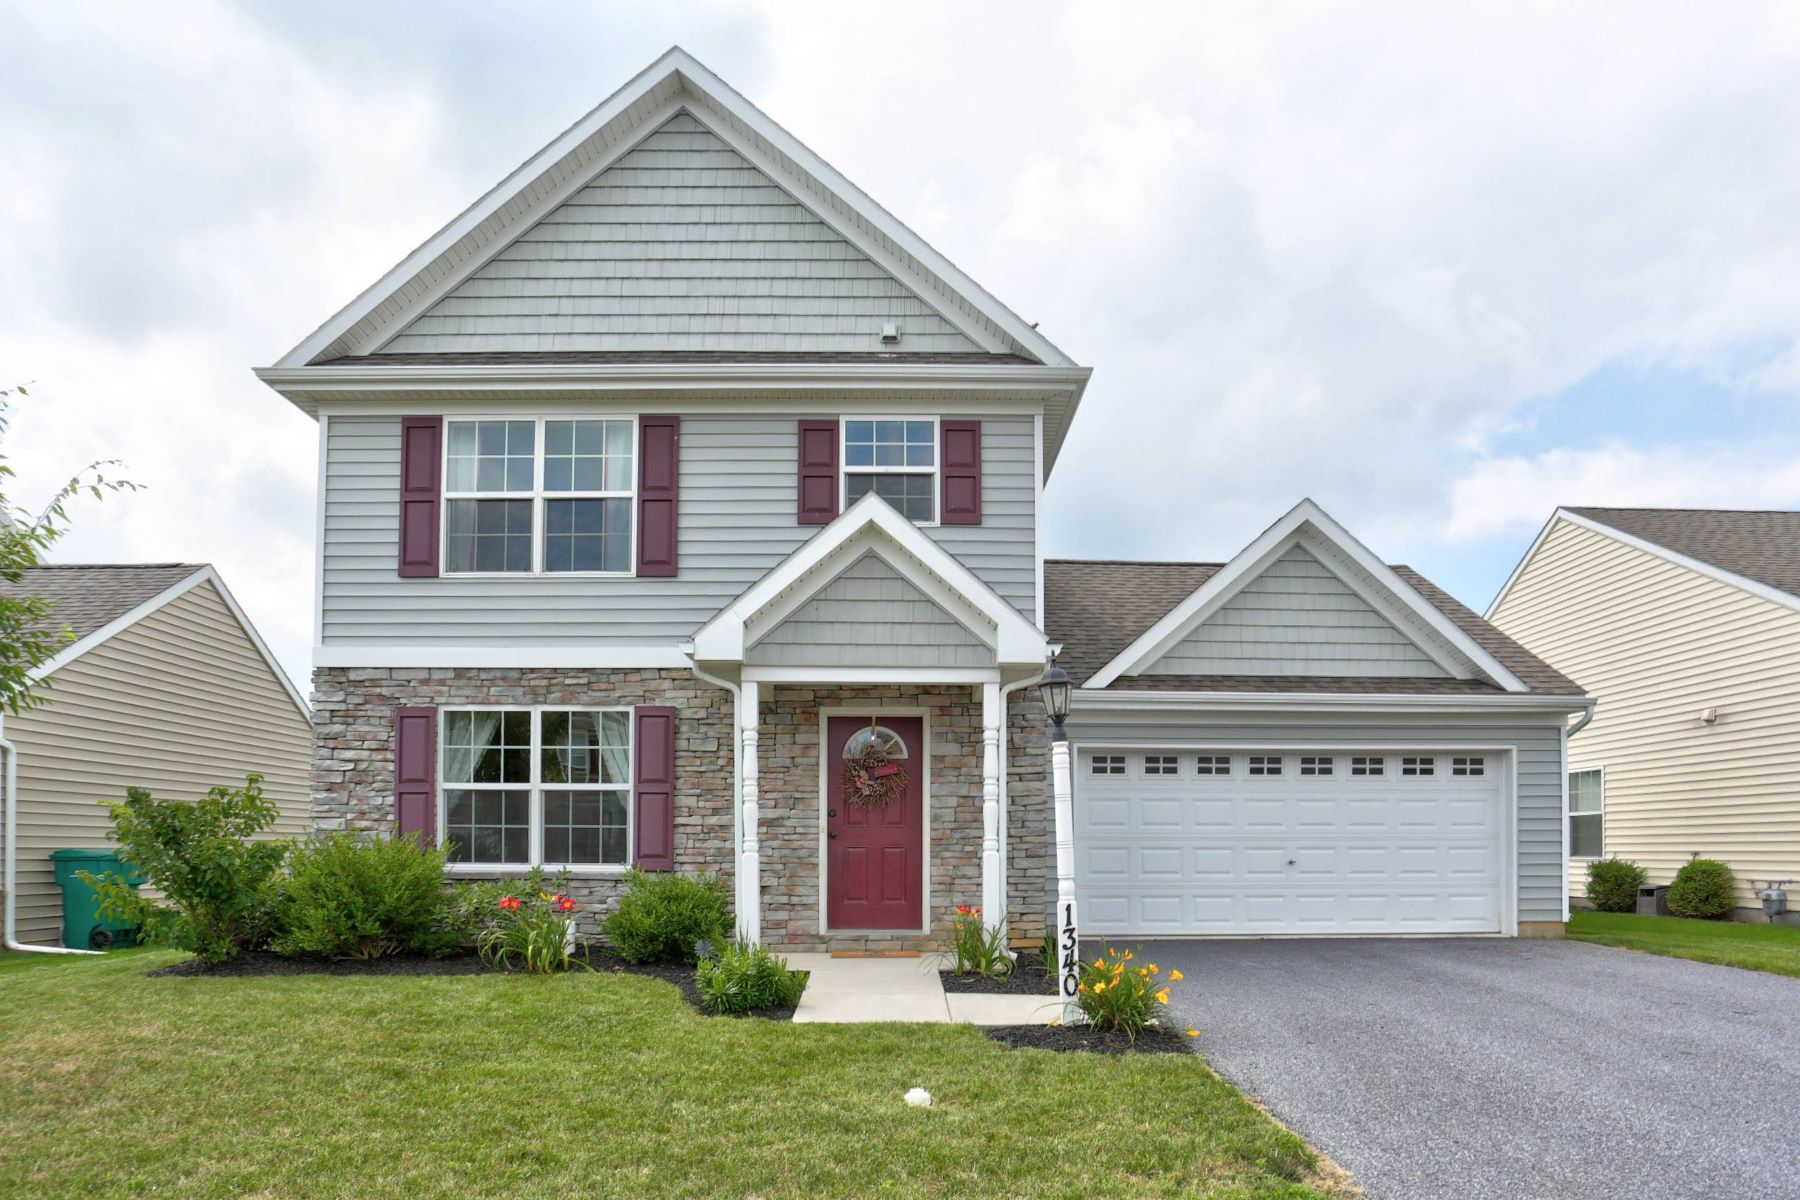 独户住宅 为 销售 在 1340 Heatherwood Drive 芒特乔伊, 宾夕法尼亚州 17552 美国